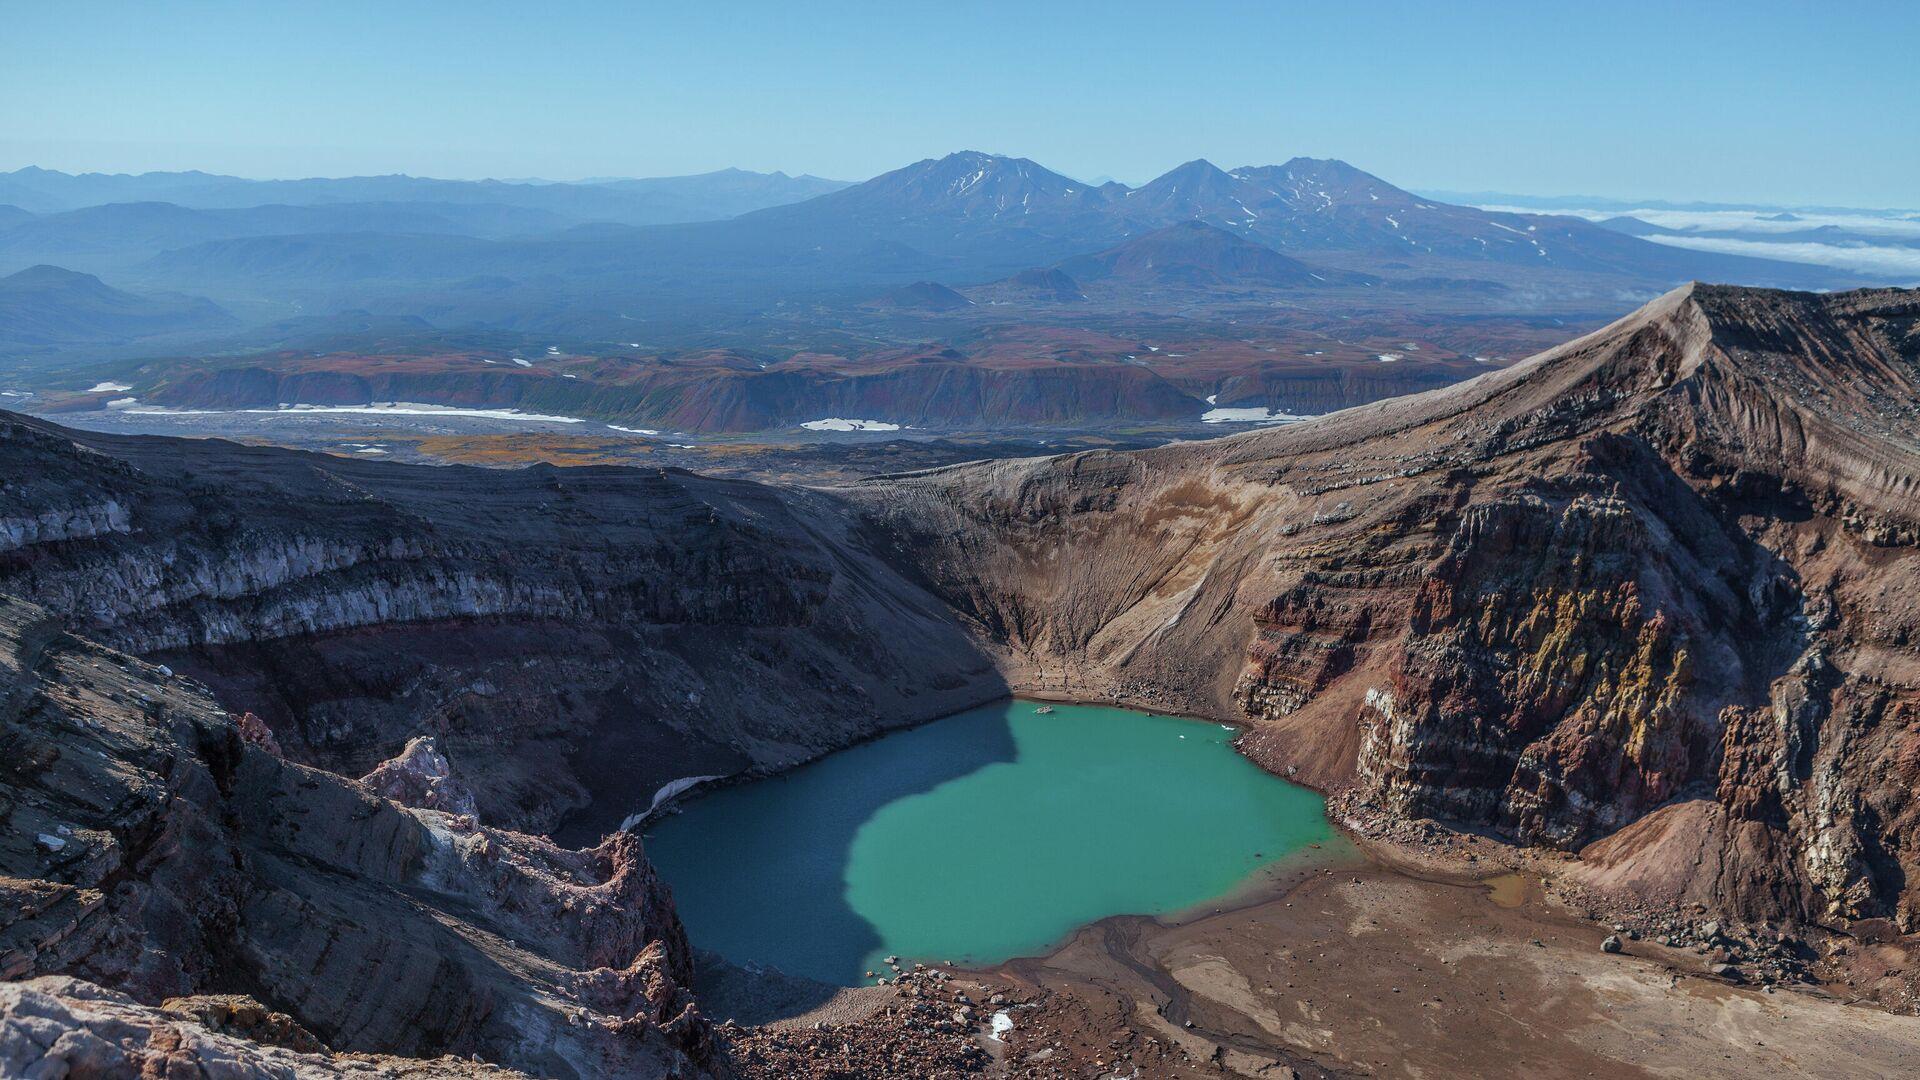 1571672409 0:97:3072:1825 1920x0 80 0 0 88df3a15ecf4a2c1b77a089bf018d0a4 - Ученые заявили о возросшей вероятности извержения вулкана на Камчатке